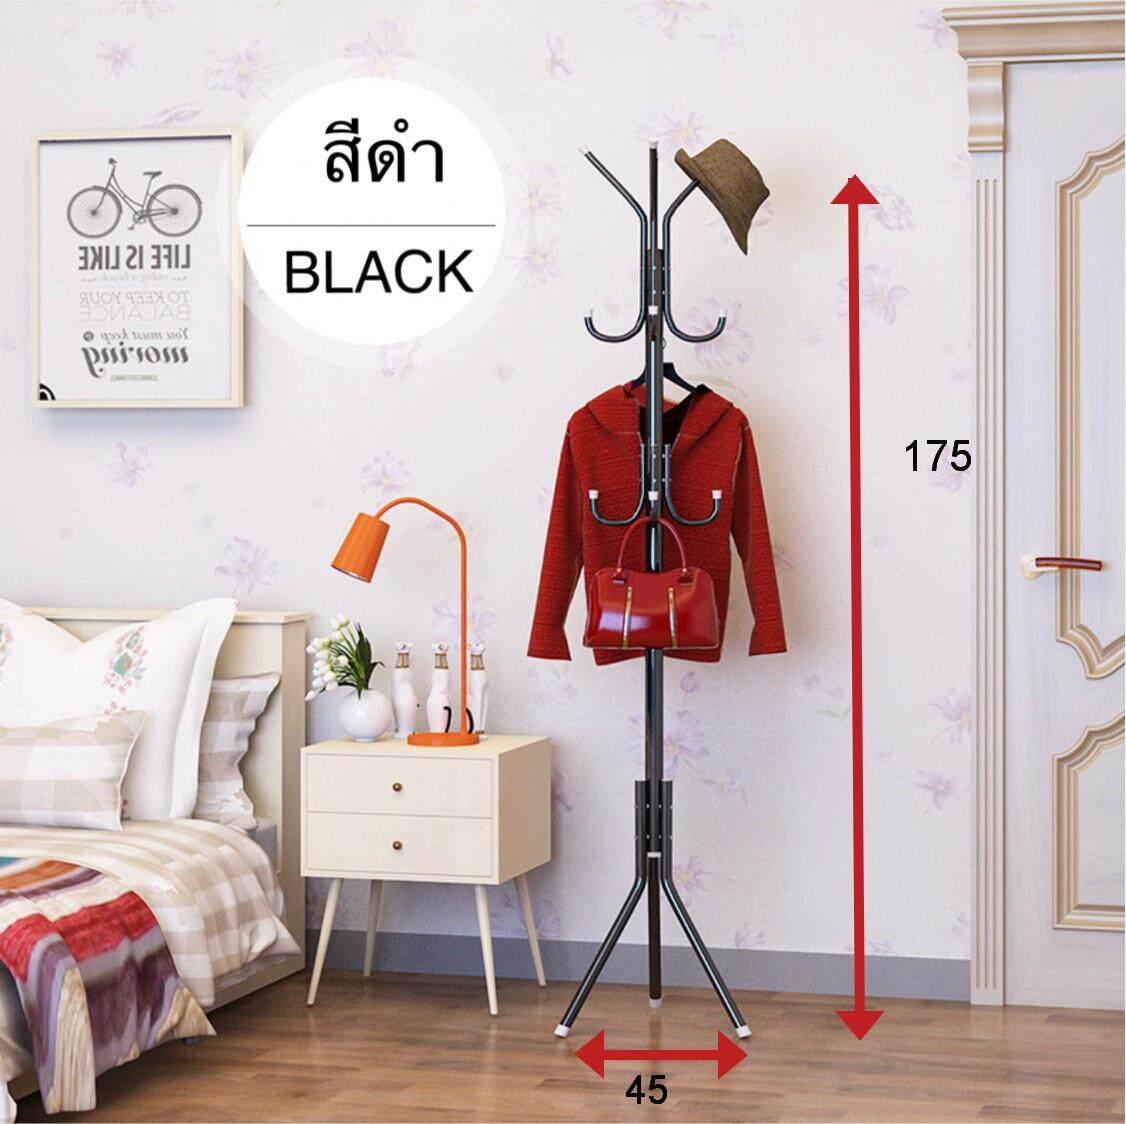 Gcs ราวแขวนอเนกประสงค์ ที่แขวนหมวกและเสื้อ ที่แขวนเสื้อผ้า ที่แขวนกระเป๋า ราวตากผ้าโค๊ท 3ชั้น Coat Rack - สีดำ Y - 7 By Being Shop.